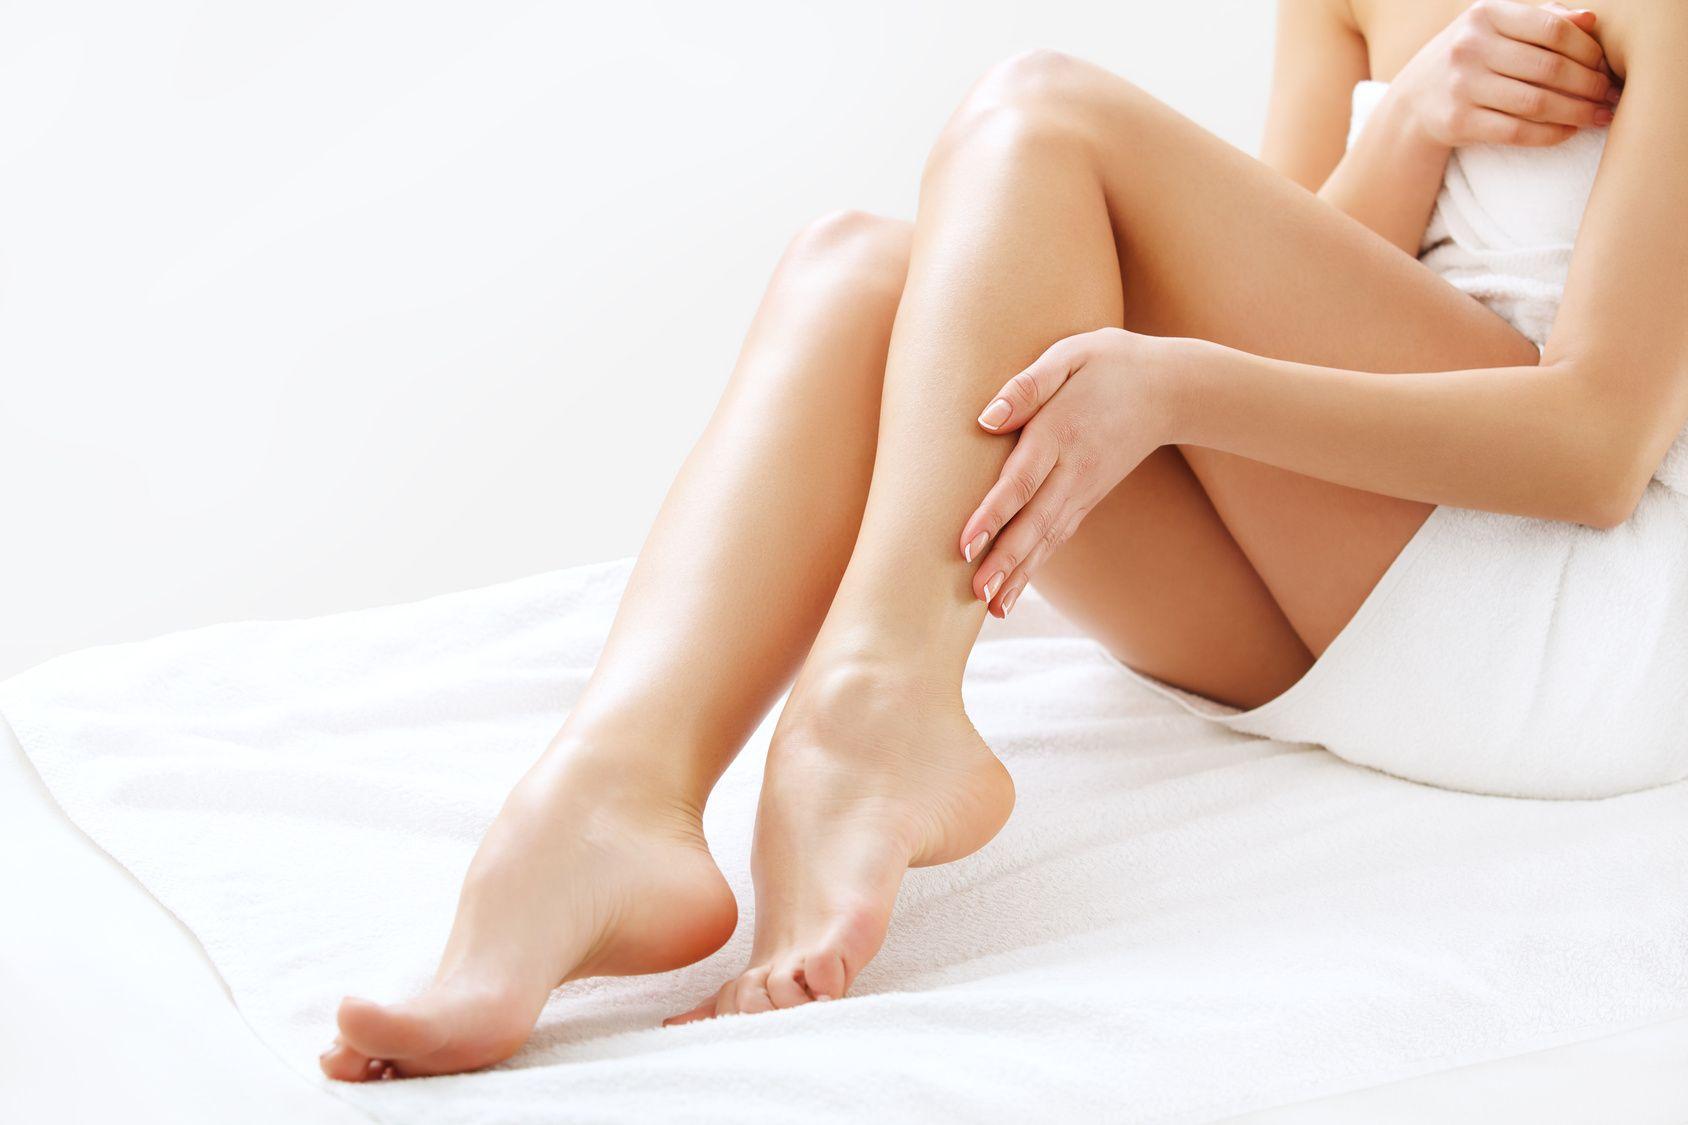 Ломота в ногах при беременности